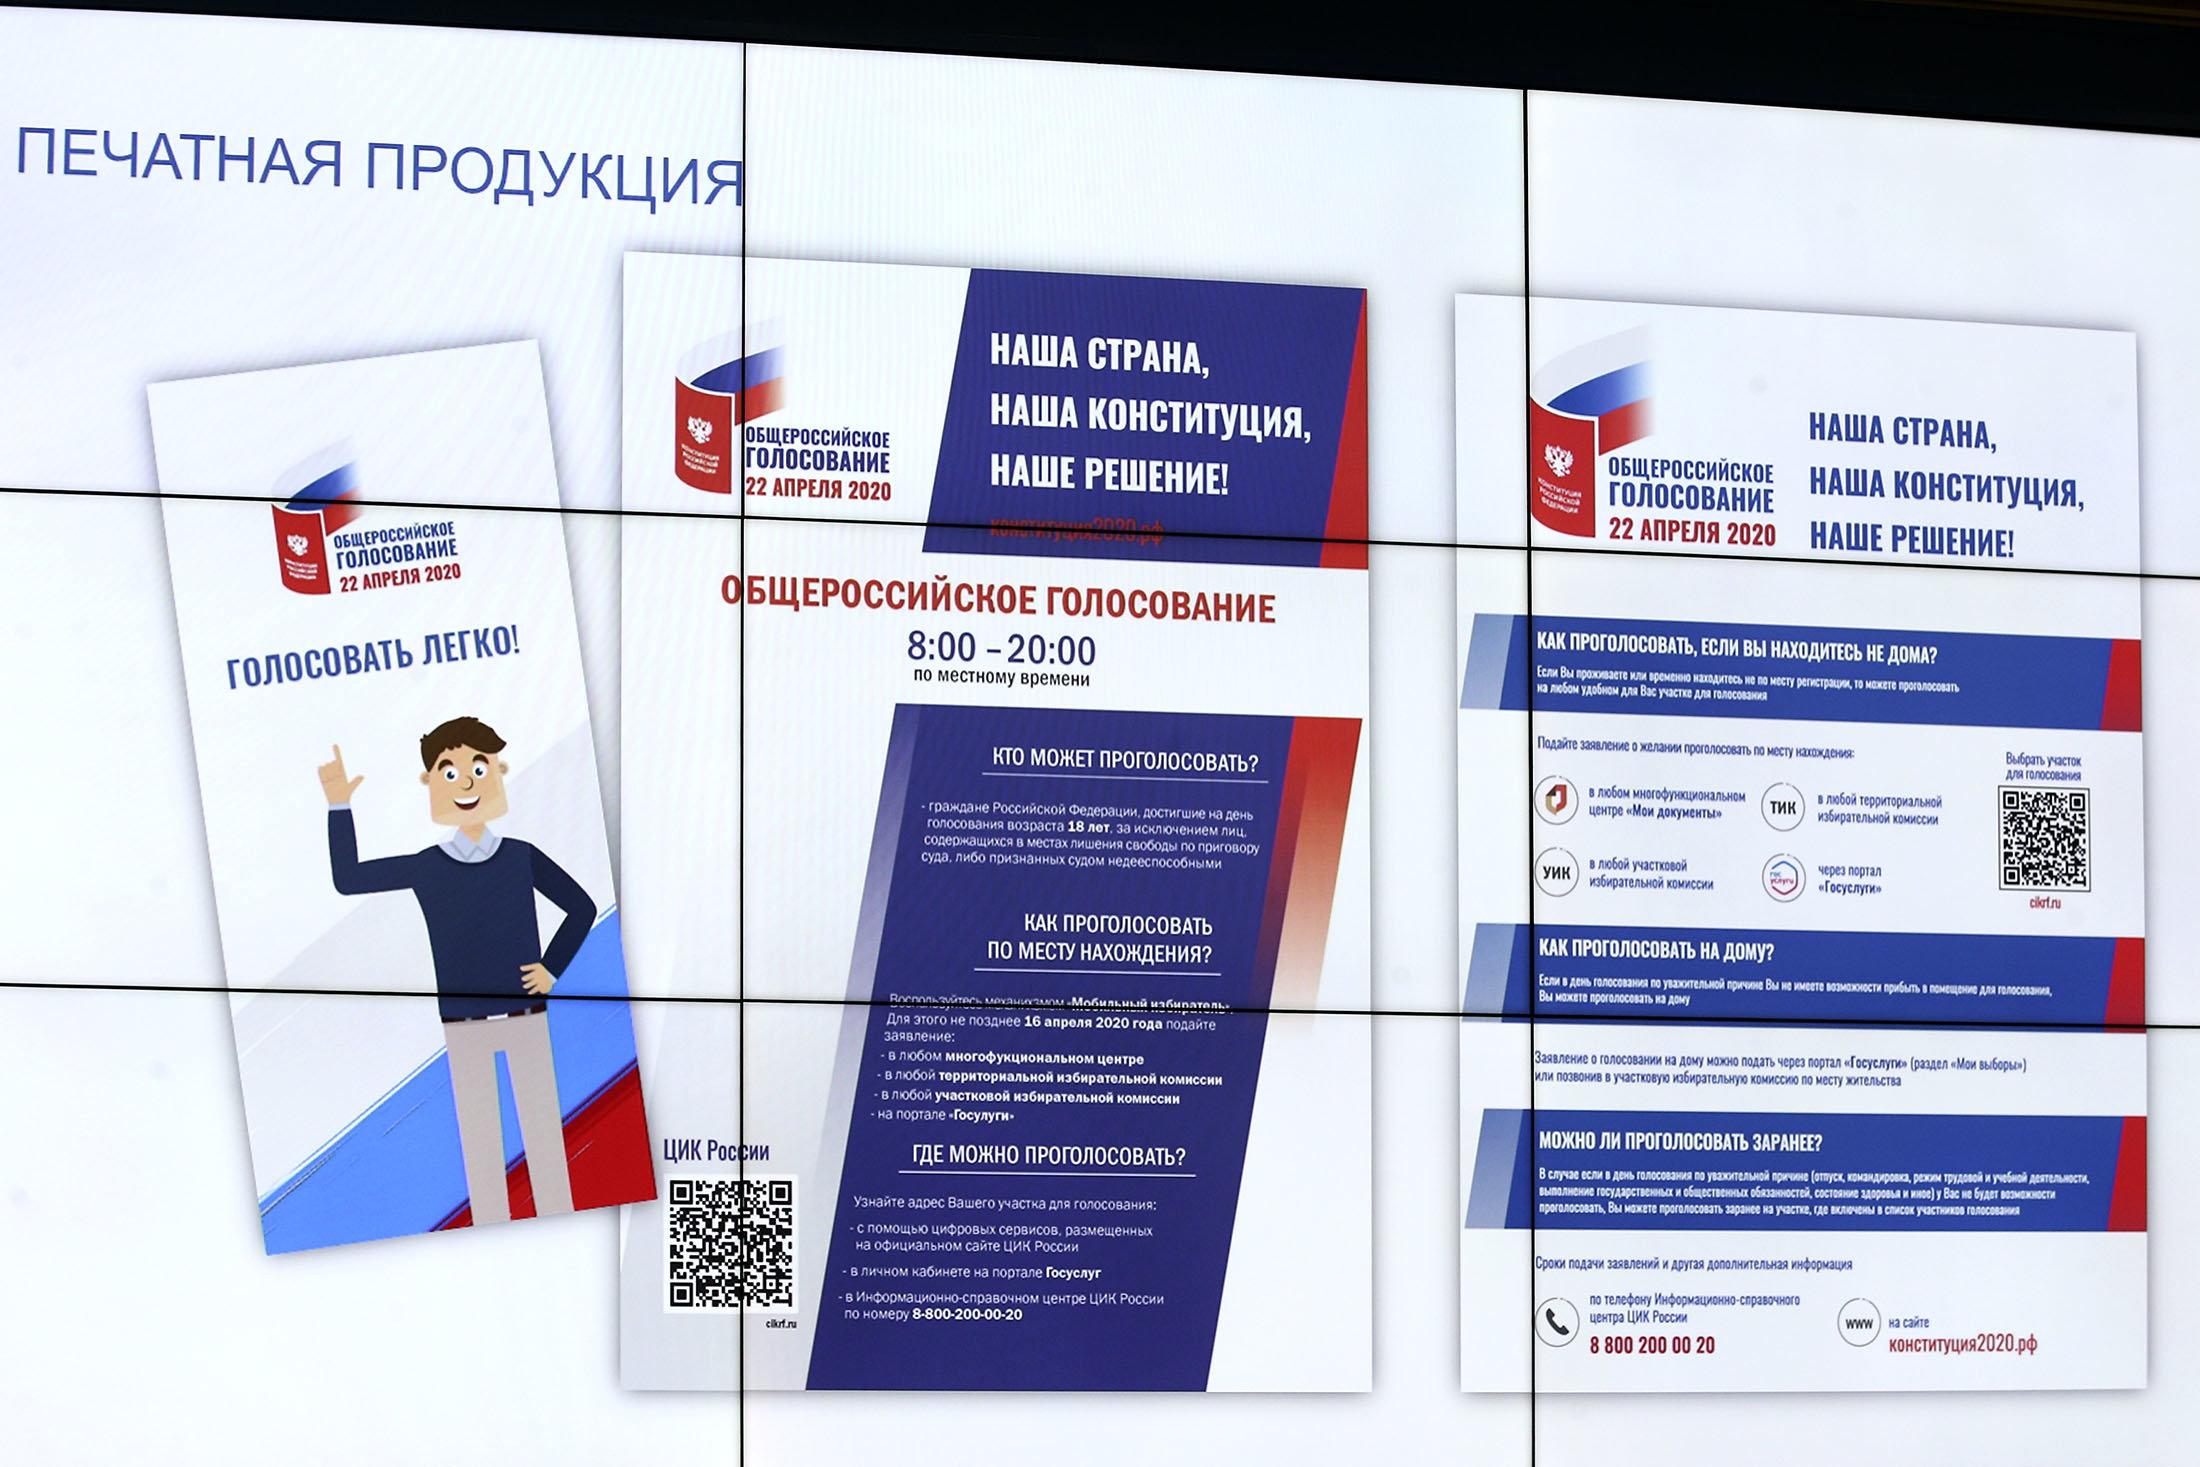 Путин назначил 22 апреля датой голосования по поправкам к Конституции